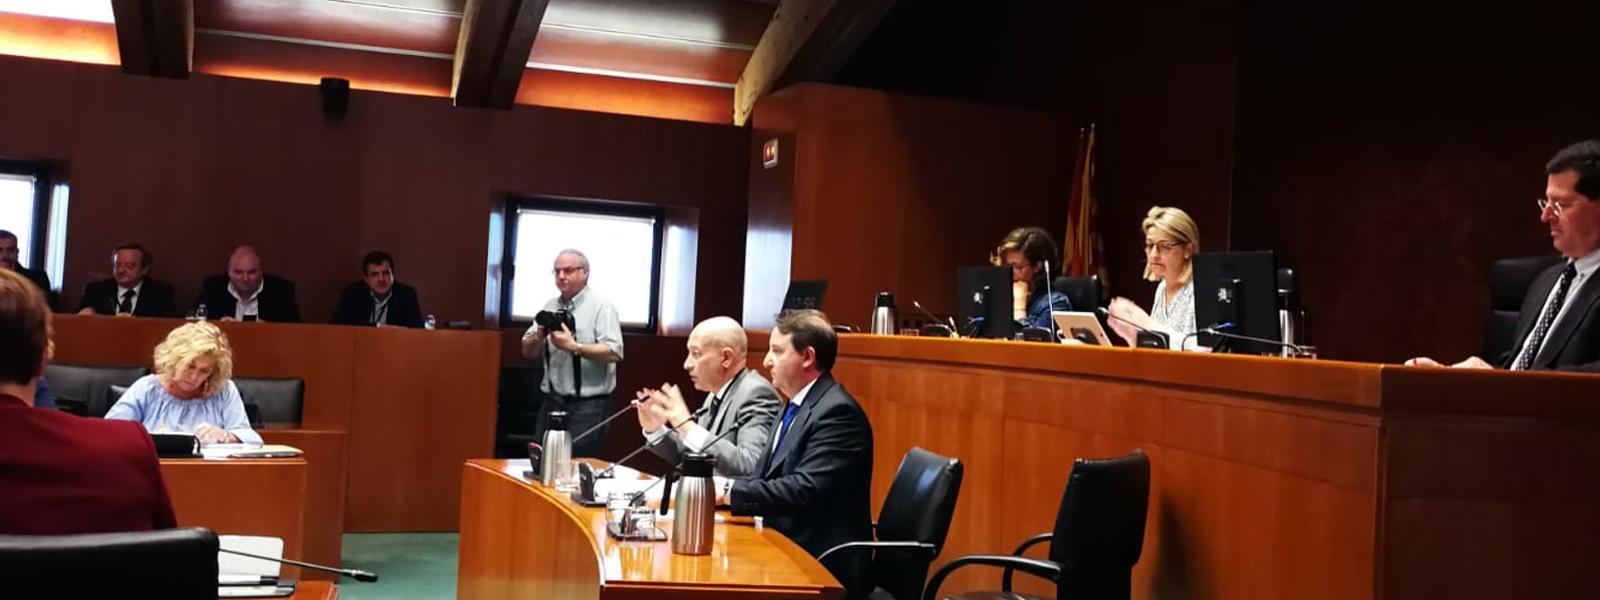 Comparecencia en las Cortes de Aragón en relación con la Proposición de ley de apoyo al trabajo autónomo y al emprendimiento en Aragón